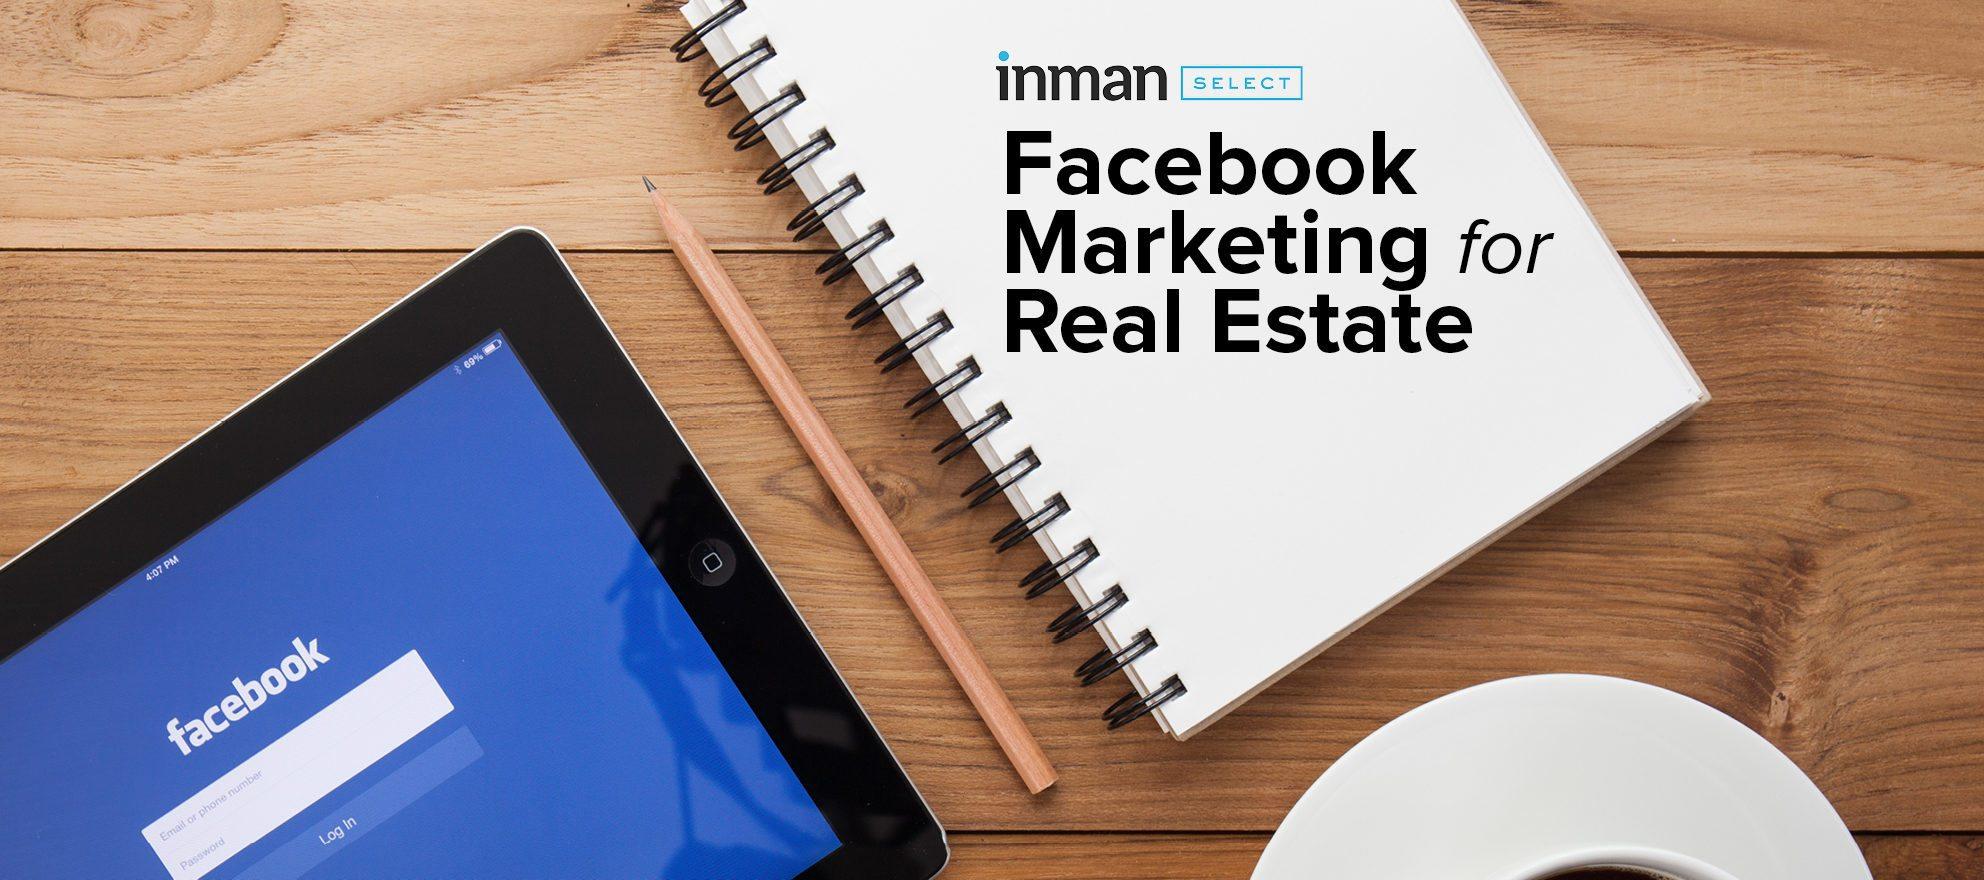 webinar facebook marketing for real estate